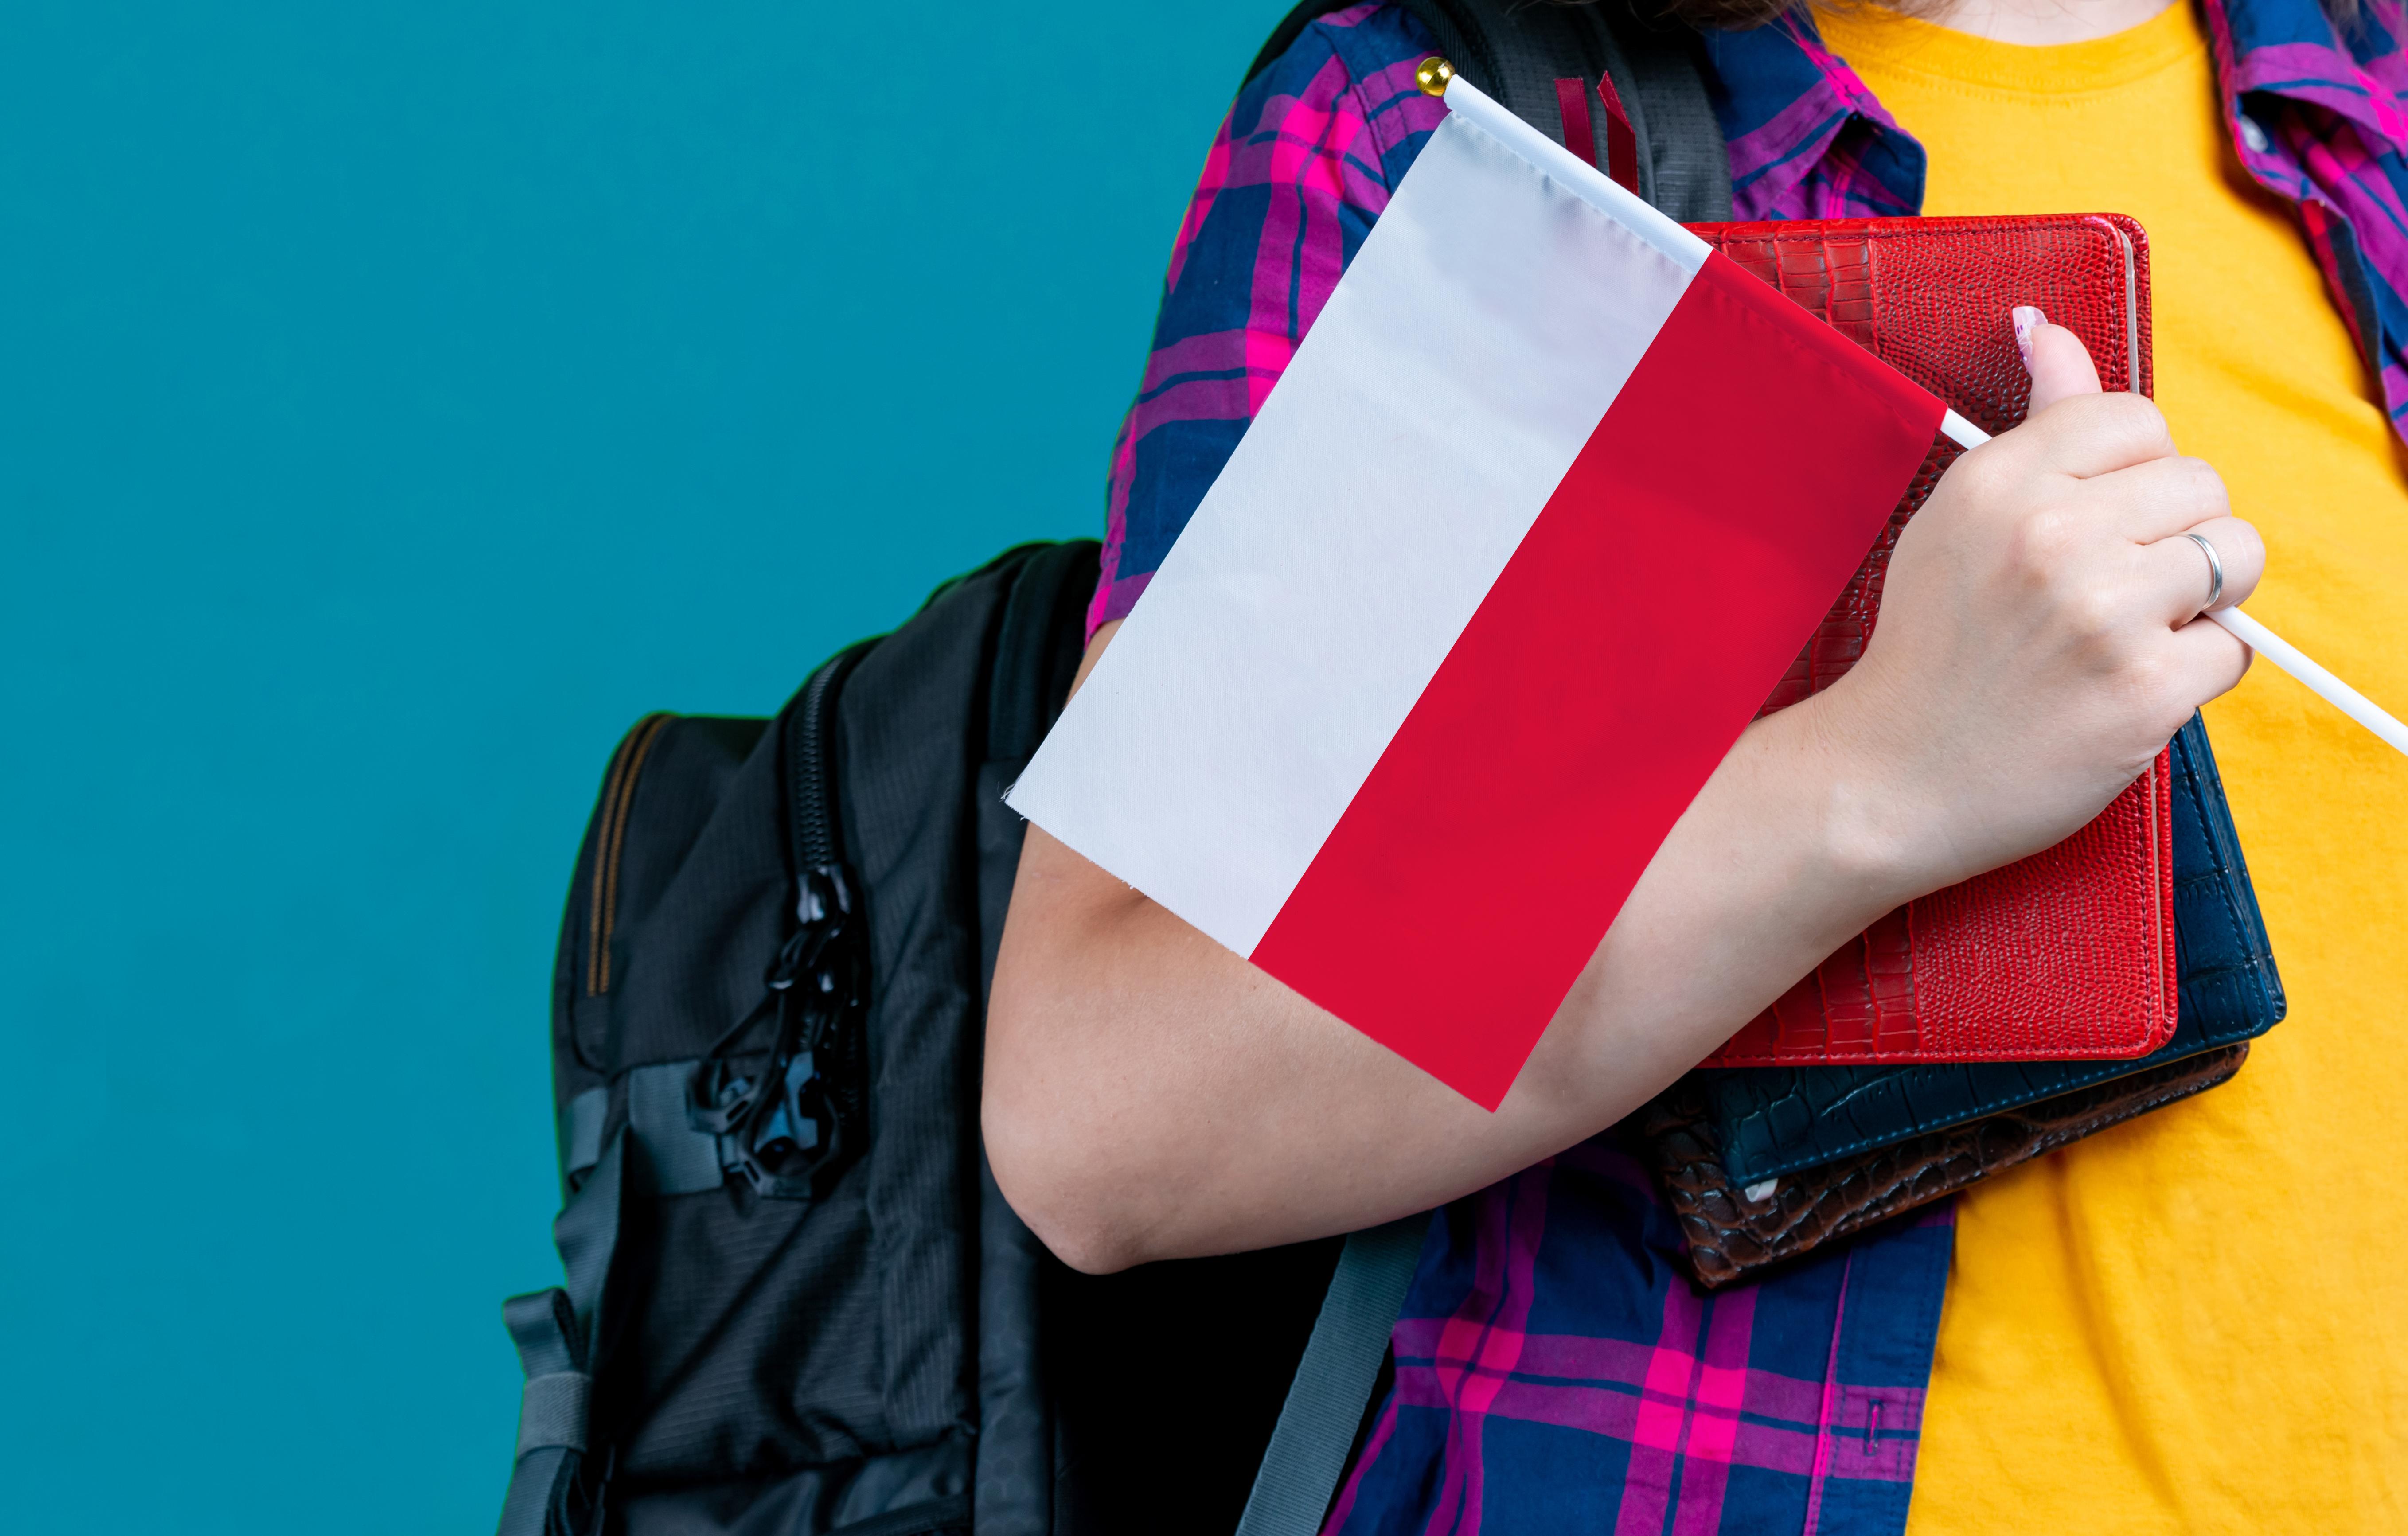 Студентка с флагом Польши, где можно оформить визу для обучения